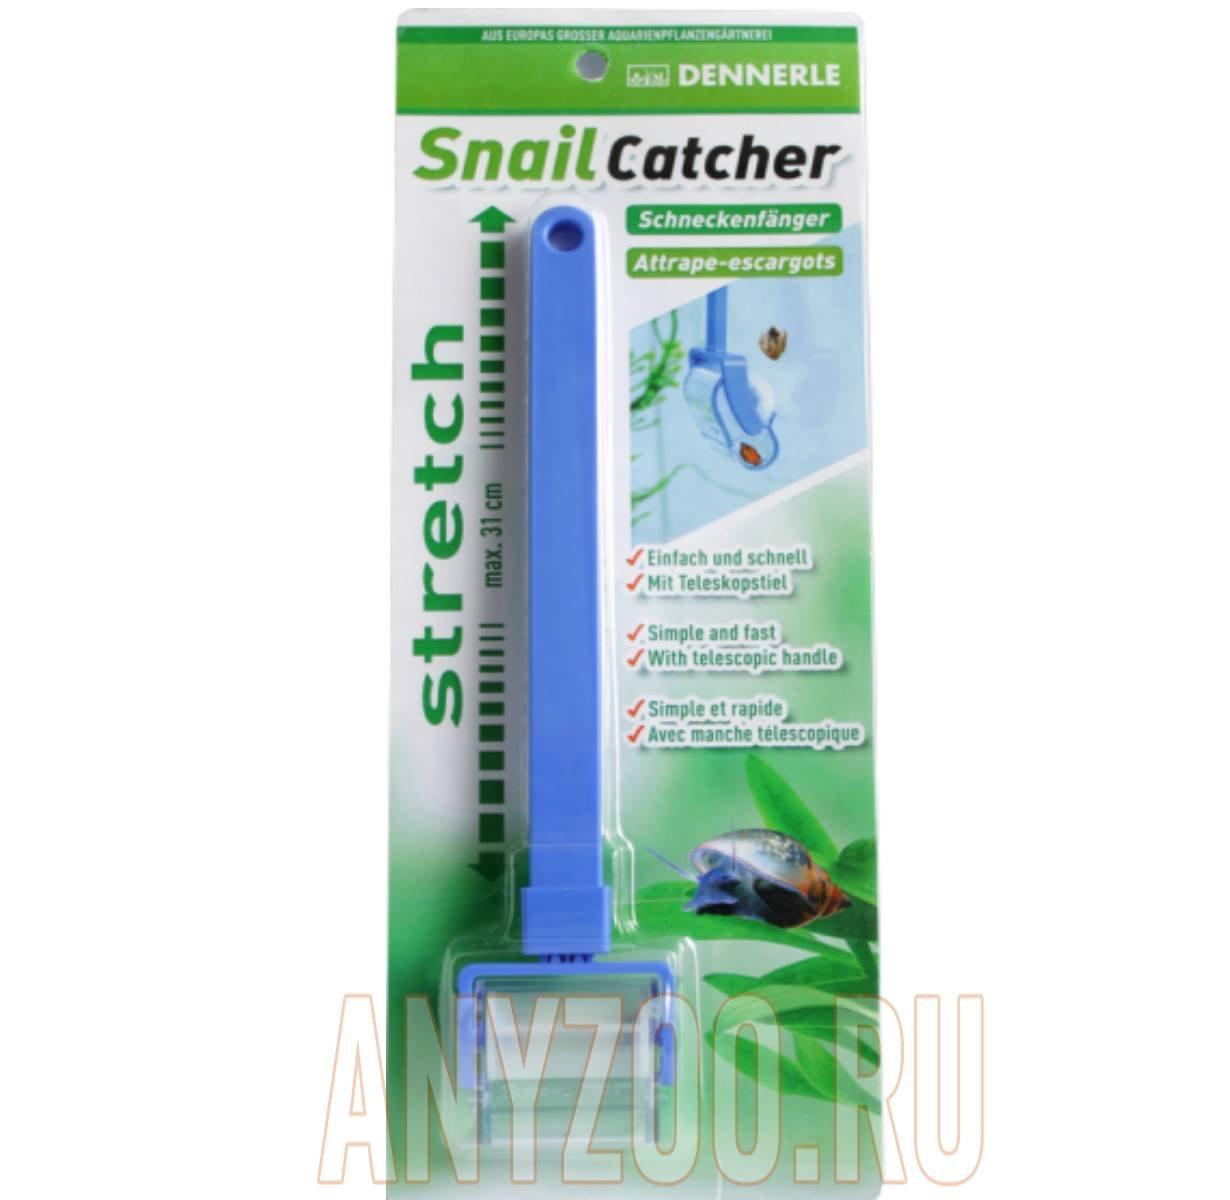 Прочий инвентарь для аквариумов: Dennerle Snail Catcher Ловушка для улиток (упаковка 1шт)